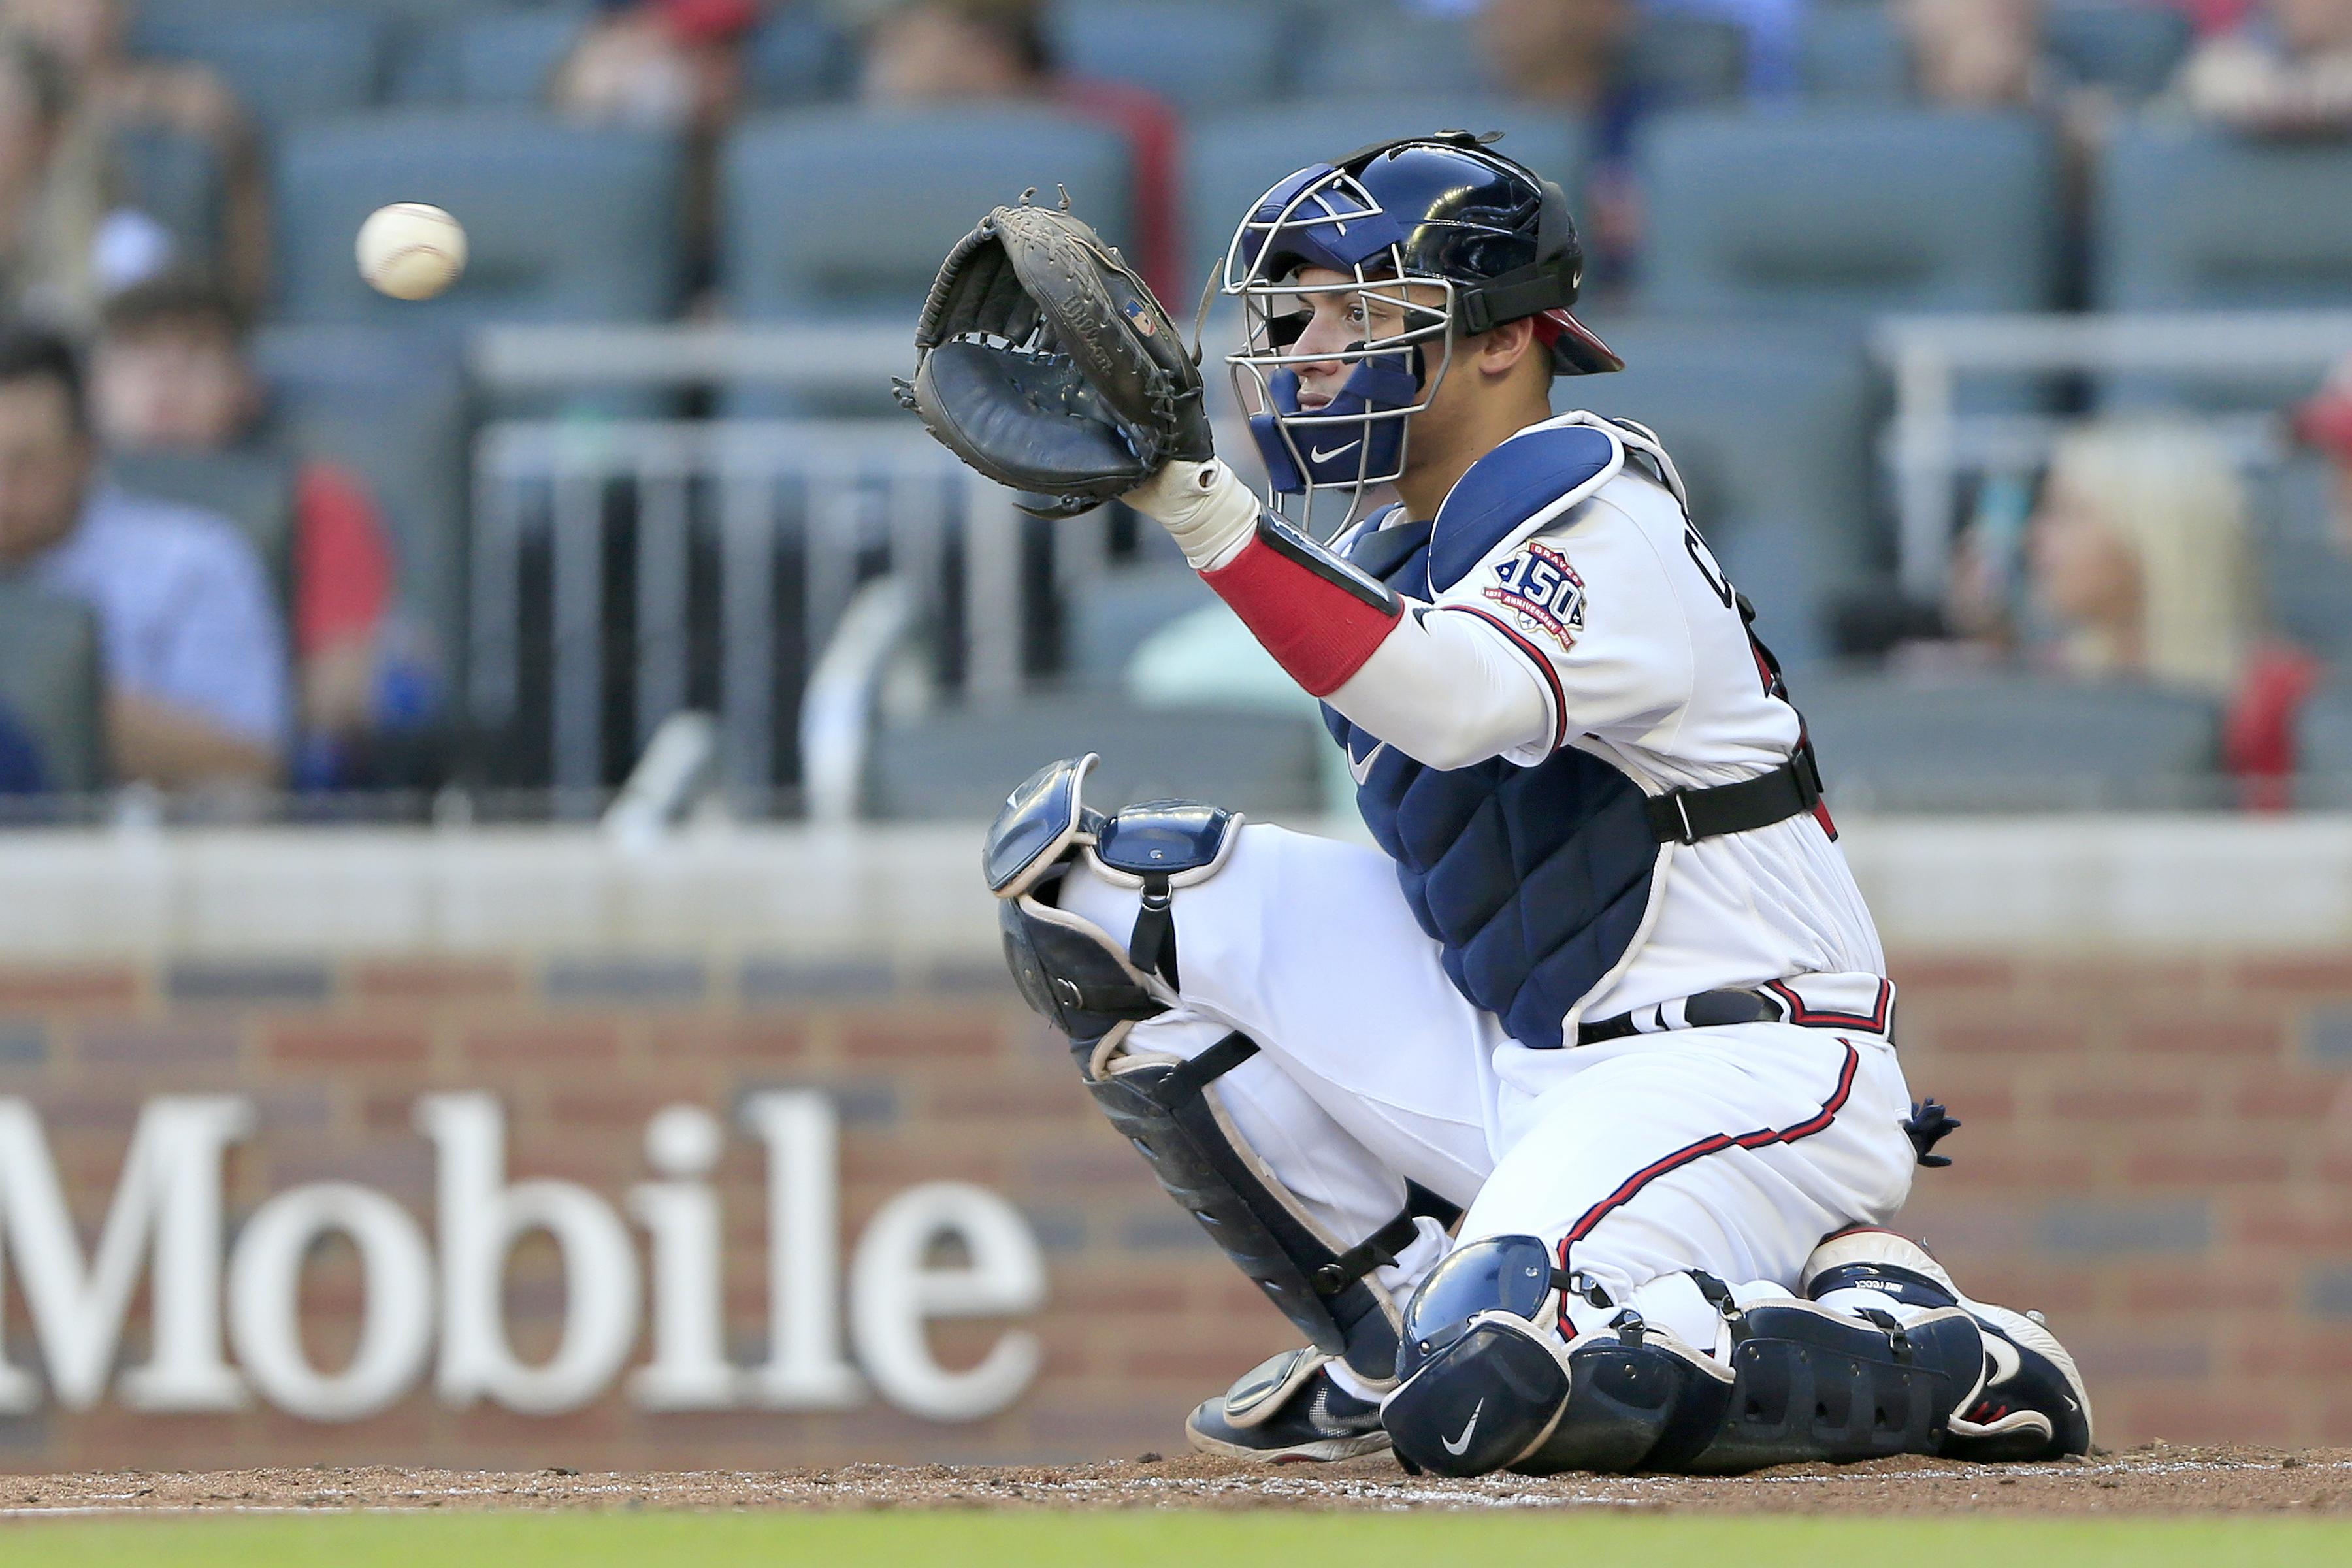 MLB: JUN 17 Cardinals at Braves